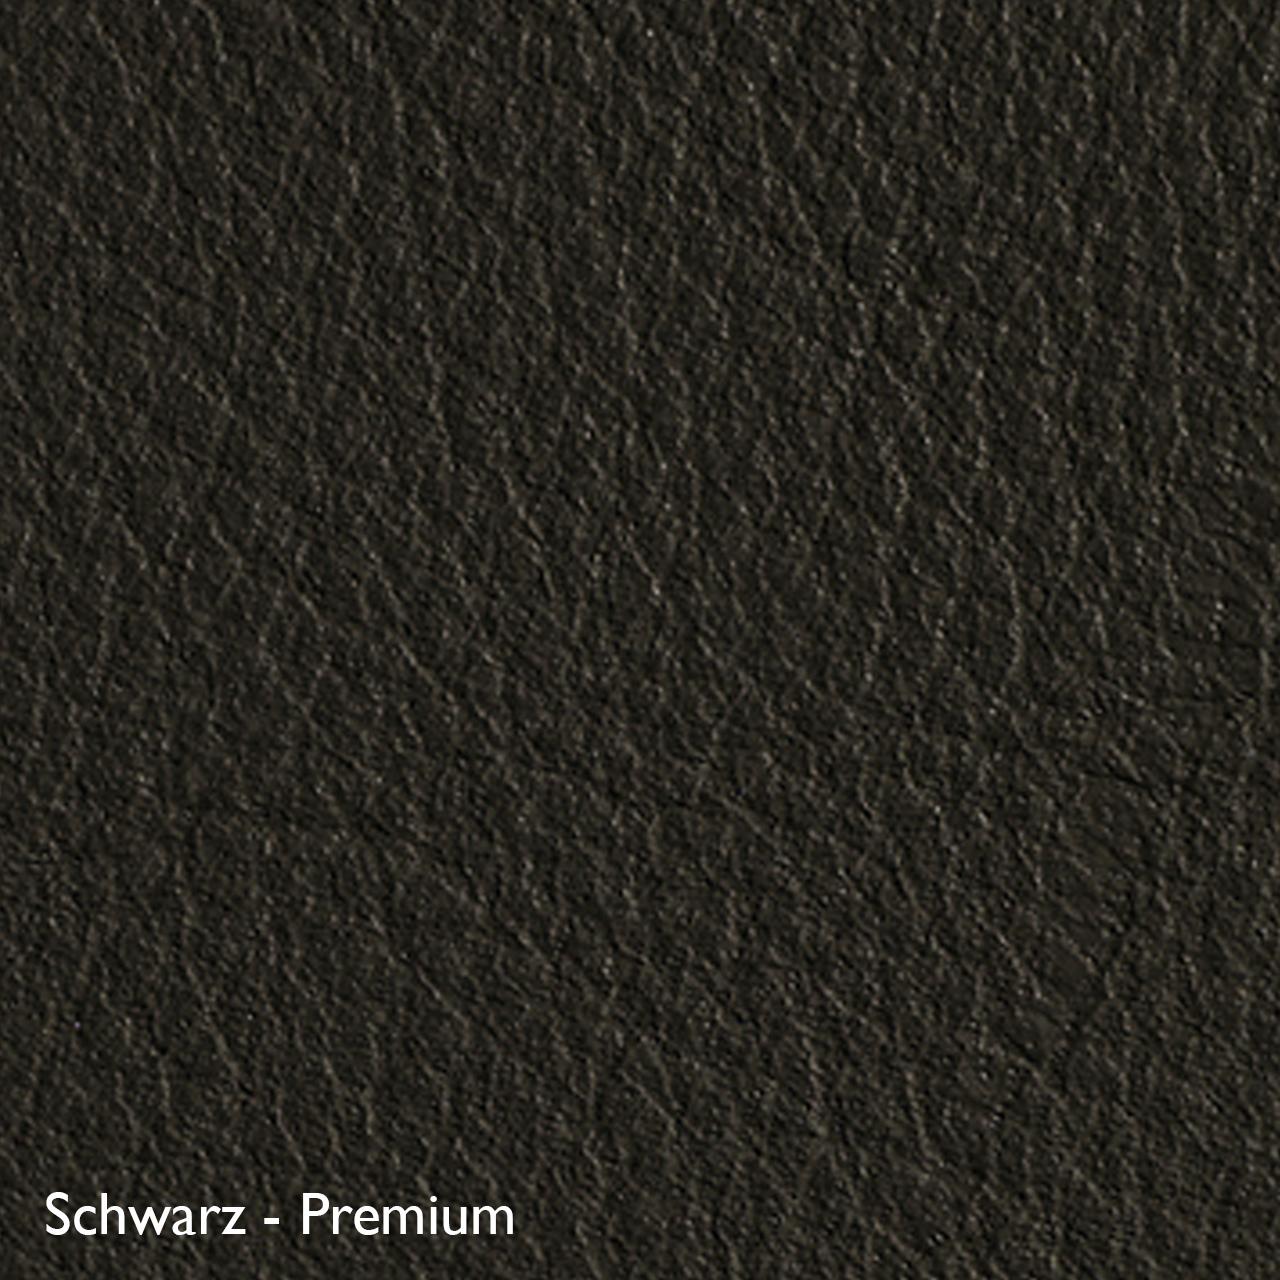 Classicon Sessel 'Euvira' mit Polsterung  Eiche natur,  Filzgleiter,  Schwarz - Premium